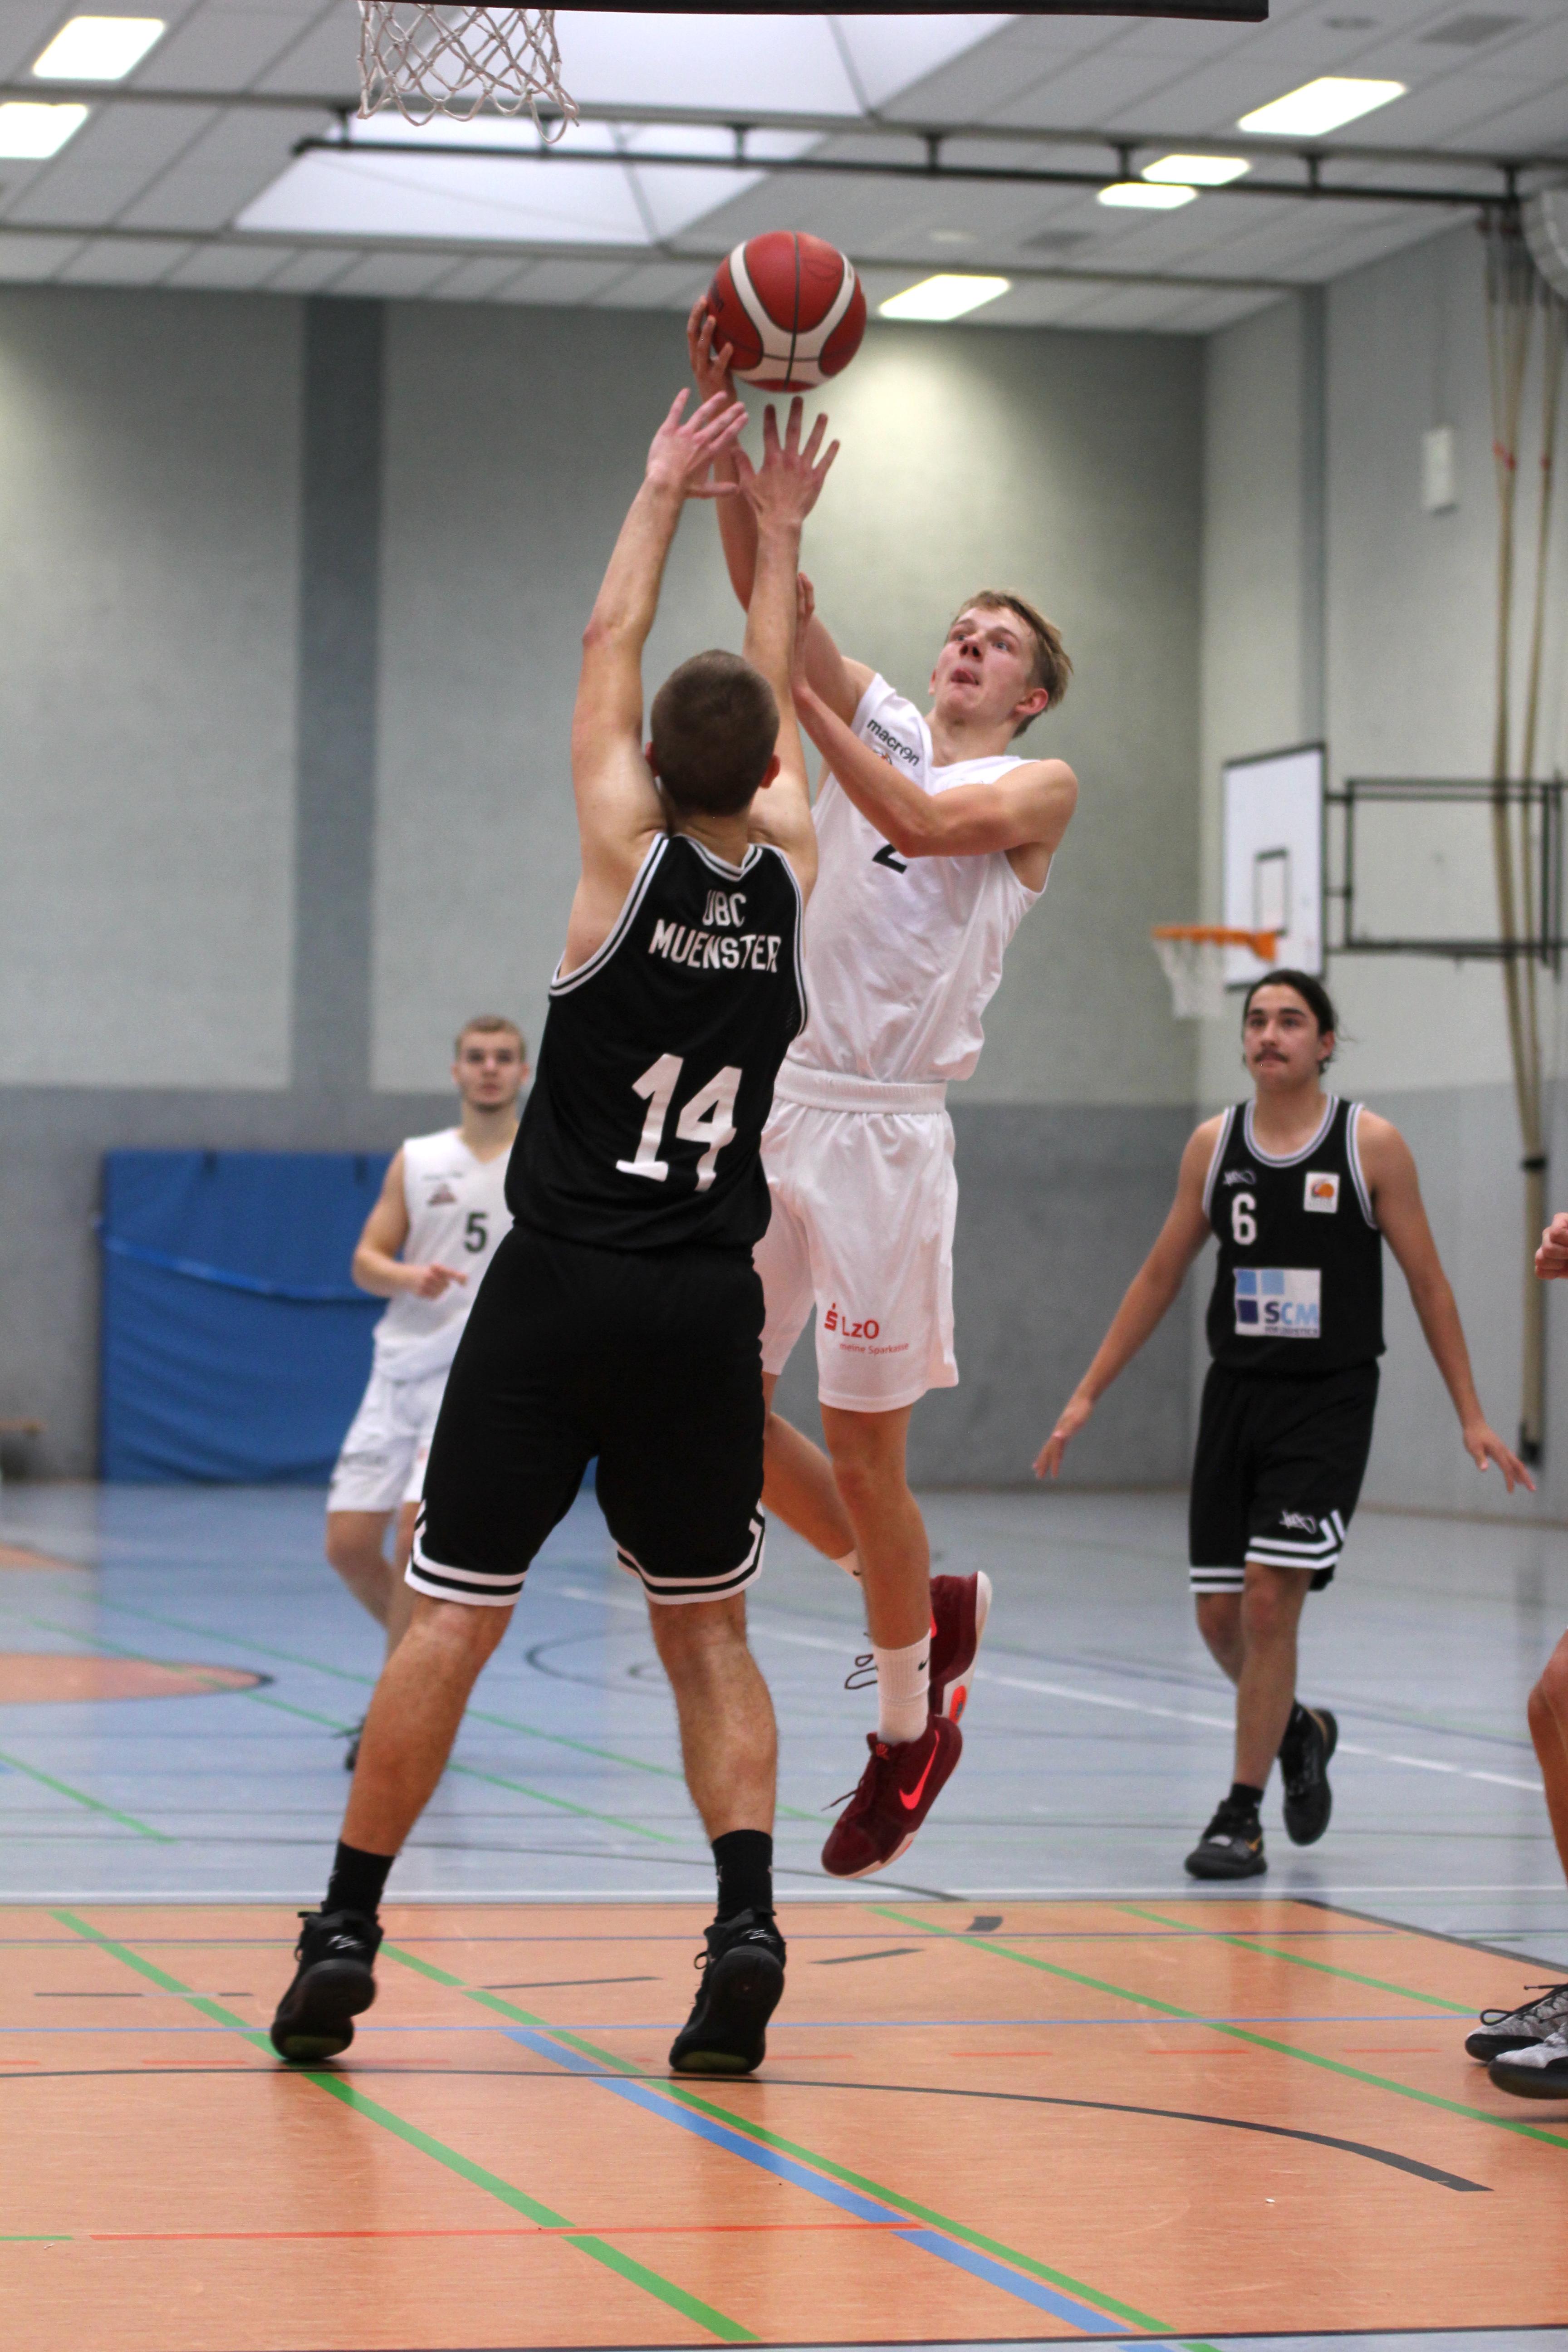 NBBL_20-21_YOUNG-RASTA-DRAGONS_Münster_Spieltag1_Marvin-Moeller_6